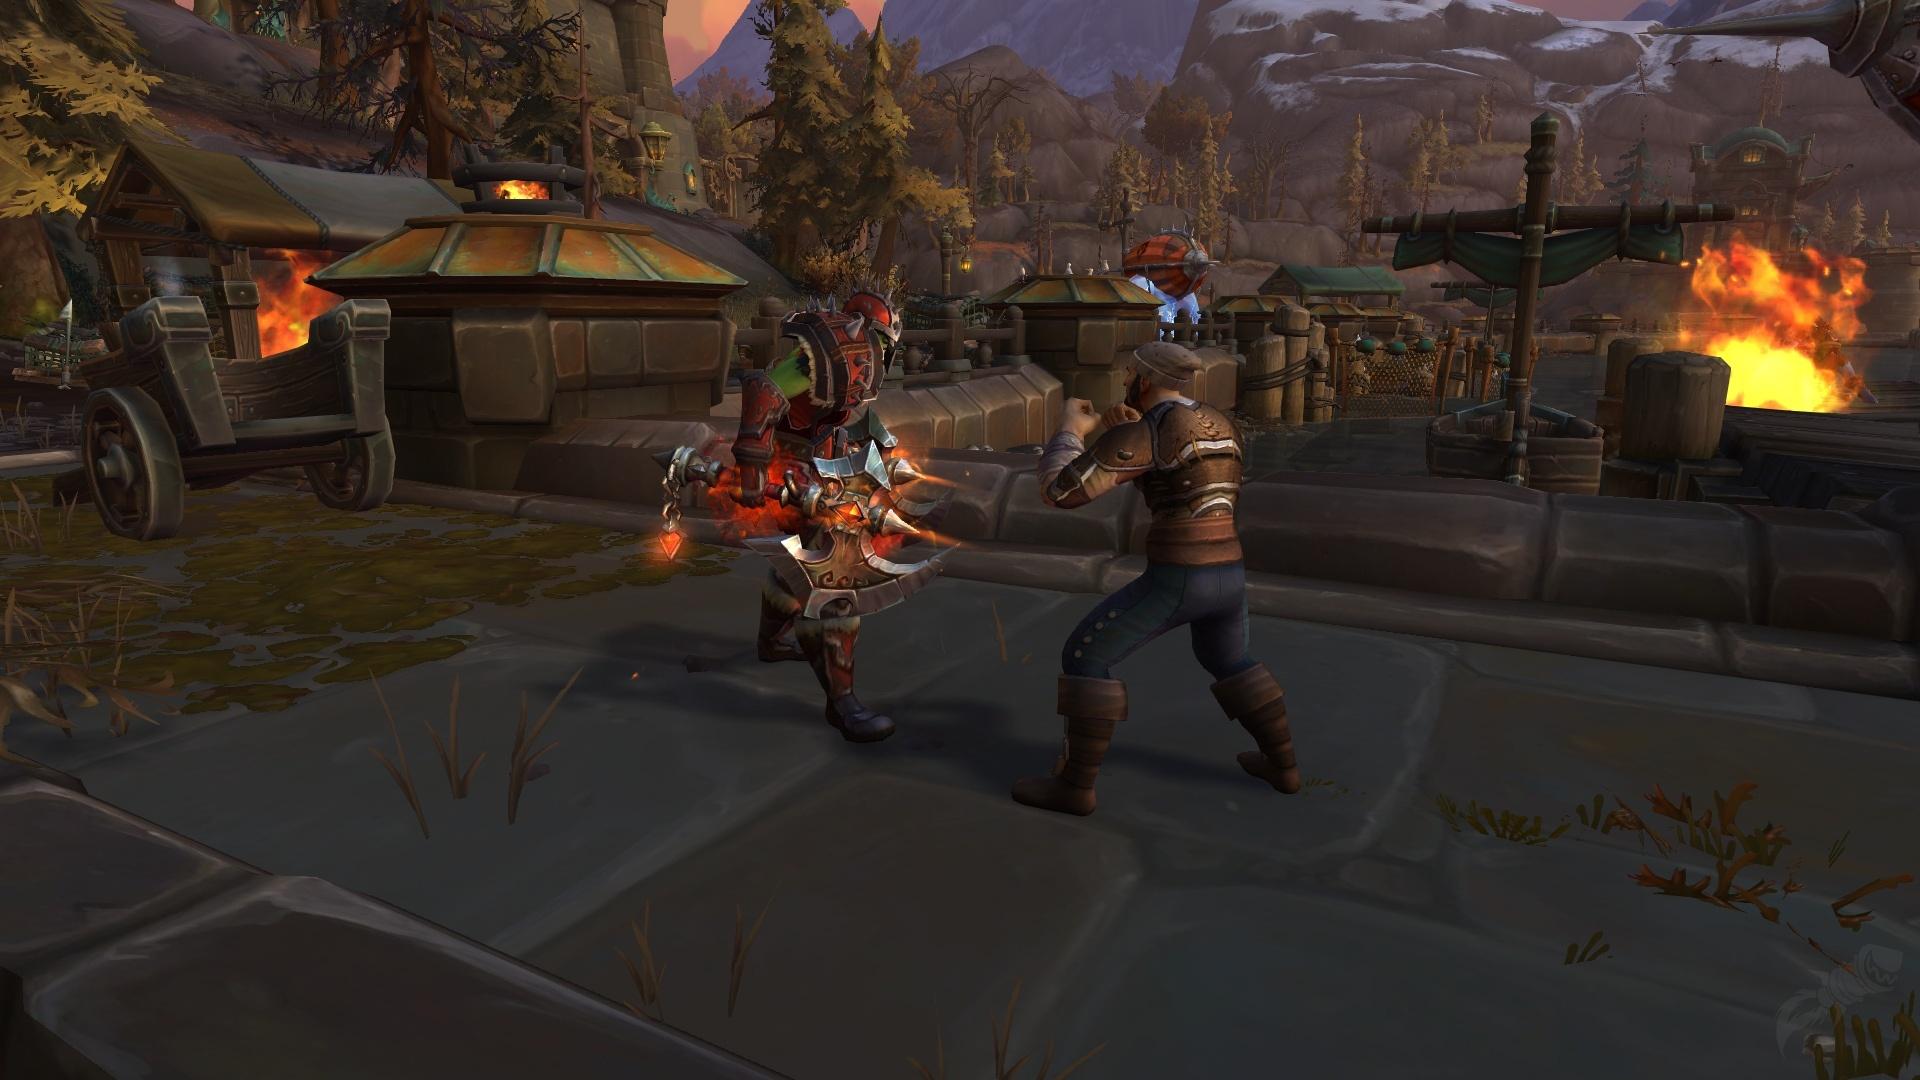 Rechaza A La Horda Misión World Of Warcraft